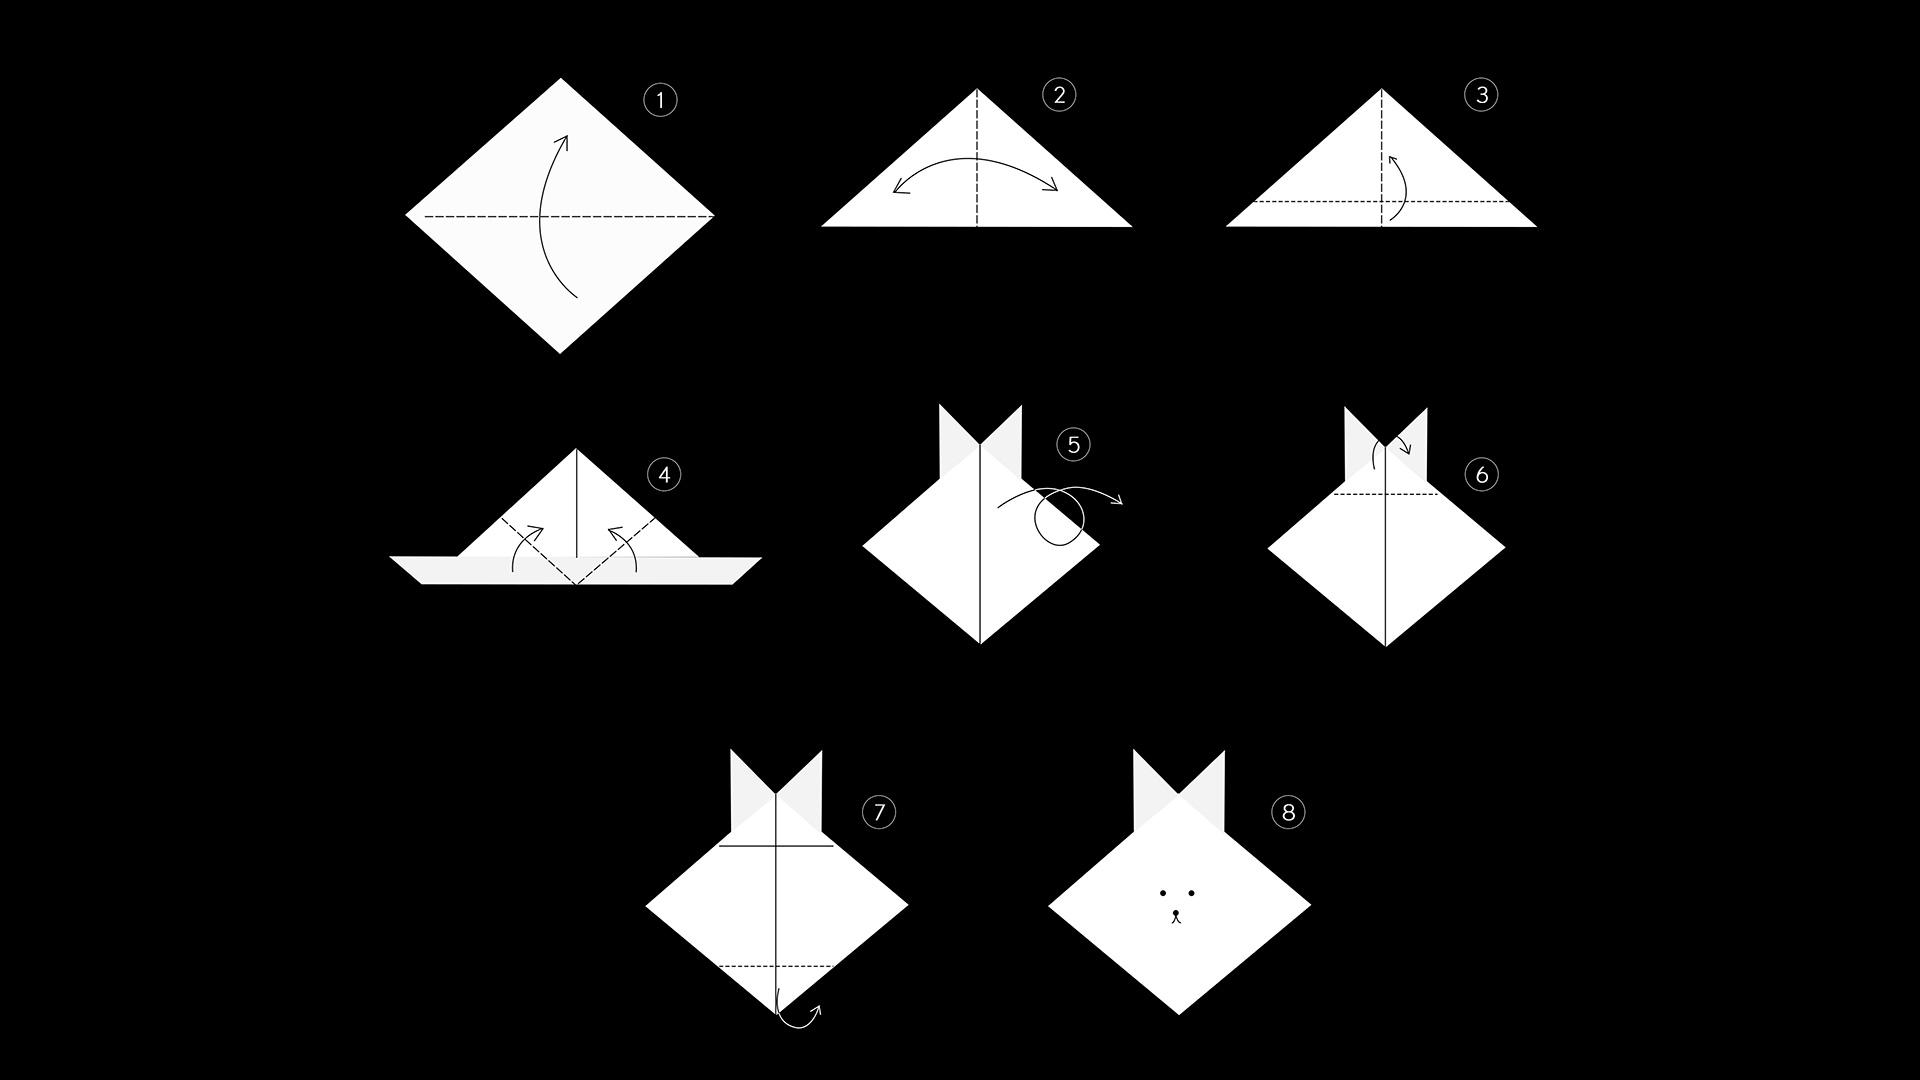 2020 012 slaag jij voor de Takumi origami opdracht hero